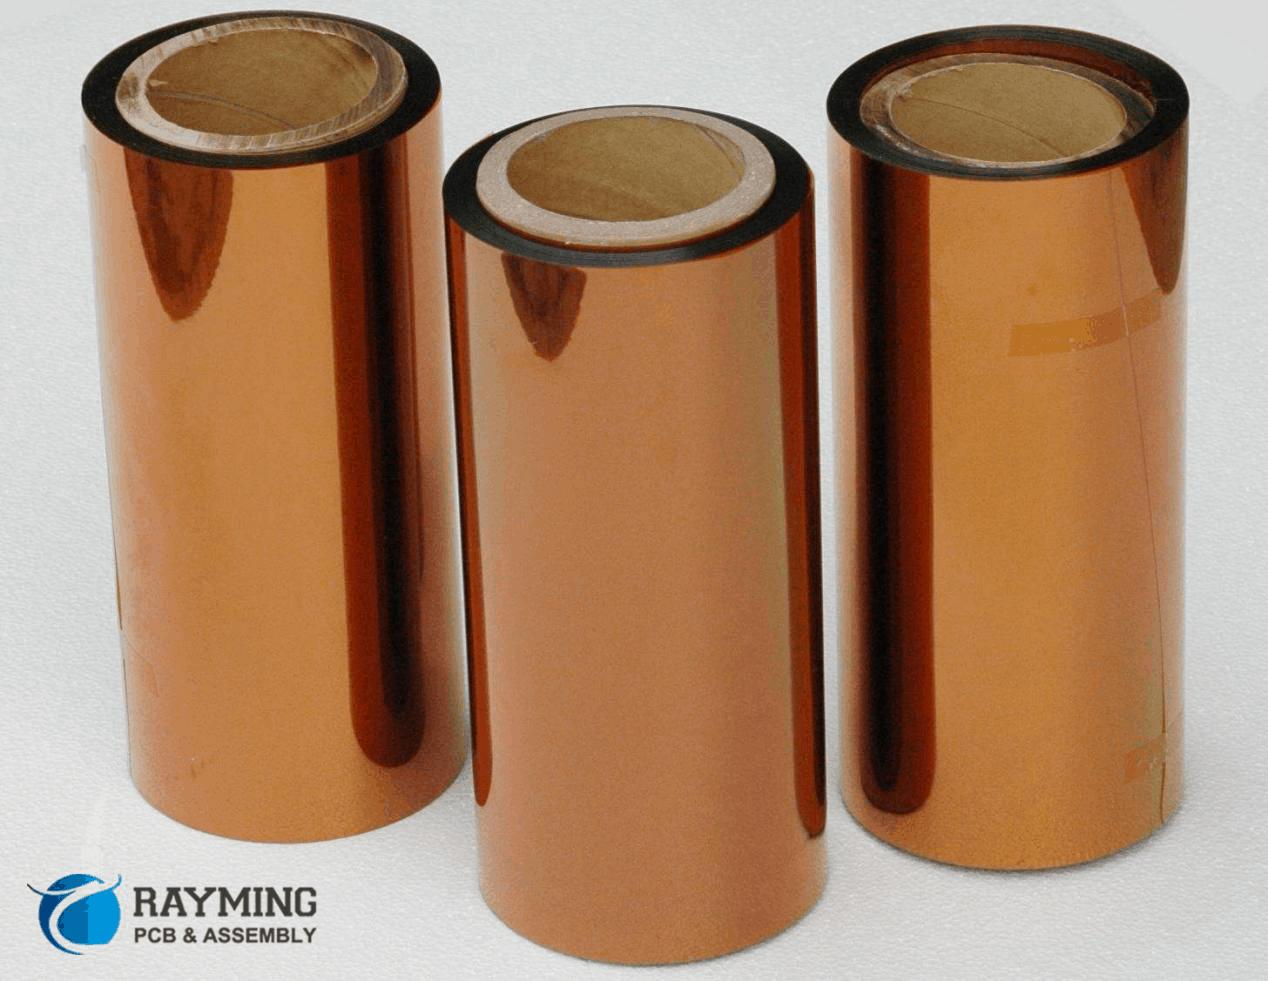 柔性双面板FPC制造及覆盖膜加工技术简介